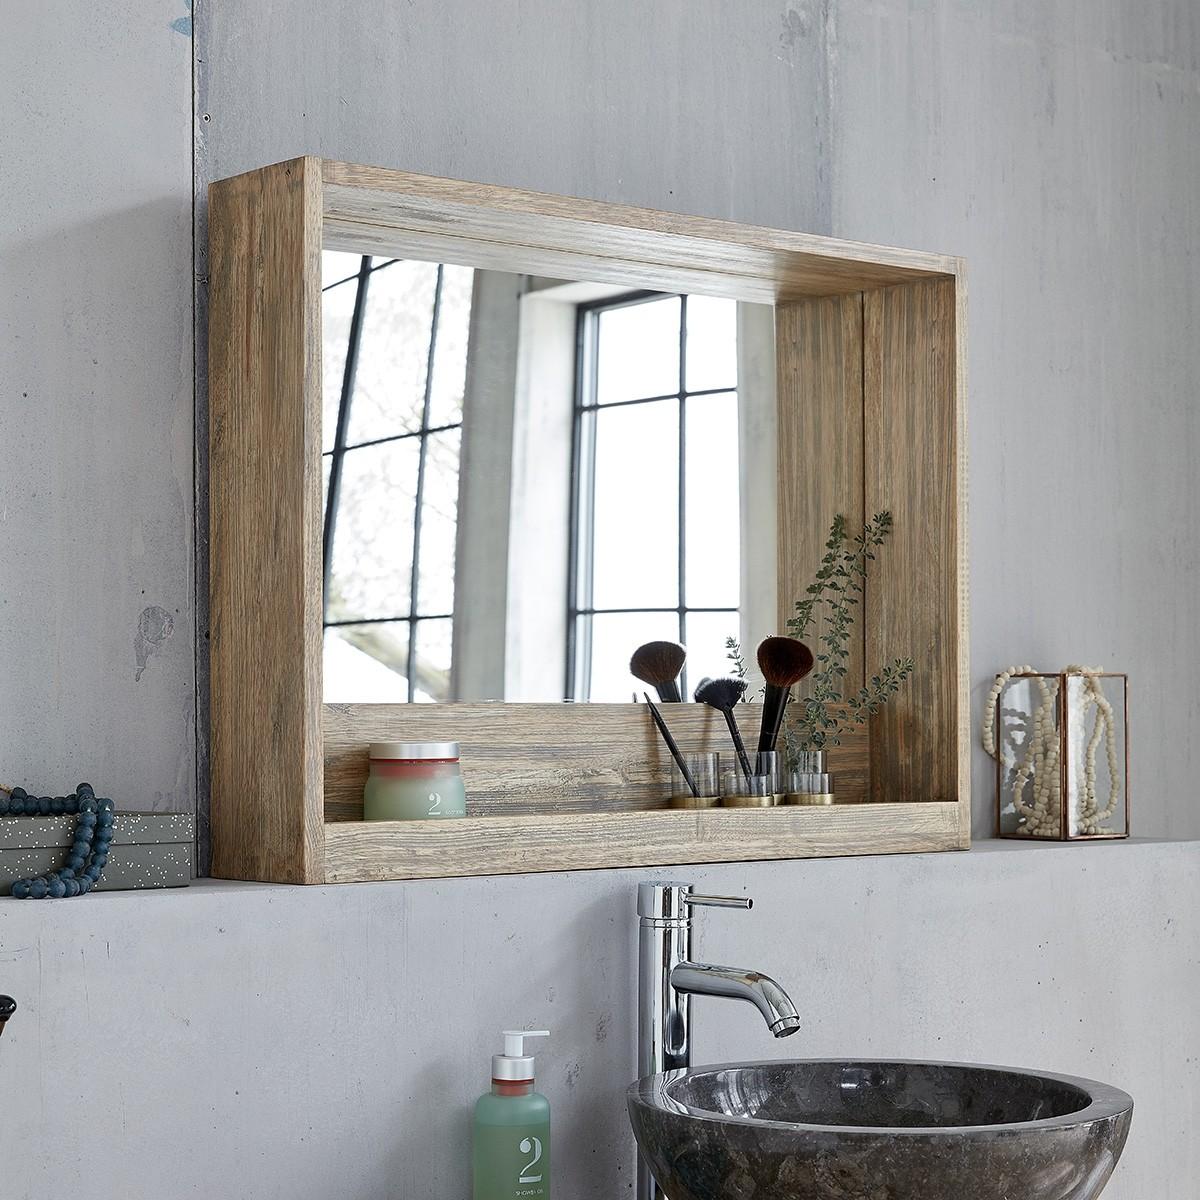 Miroir avec rangement en bois d 39 h v a 80 bois dessus bois dessous - Miroir salle de bain bois ...